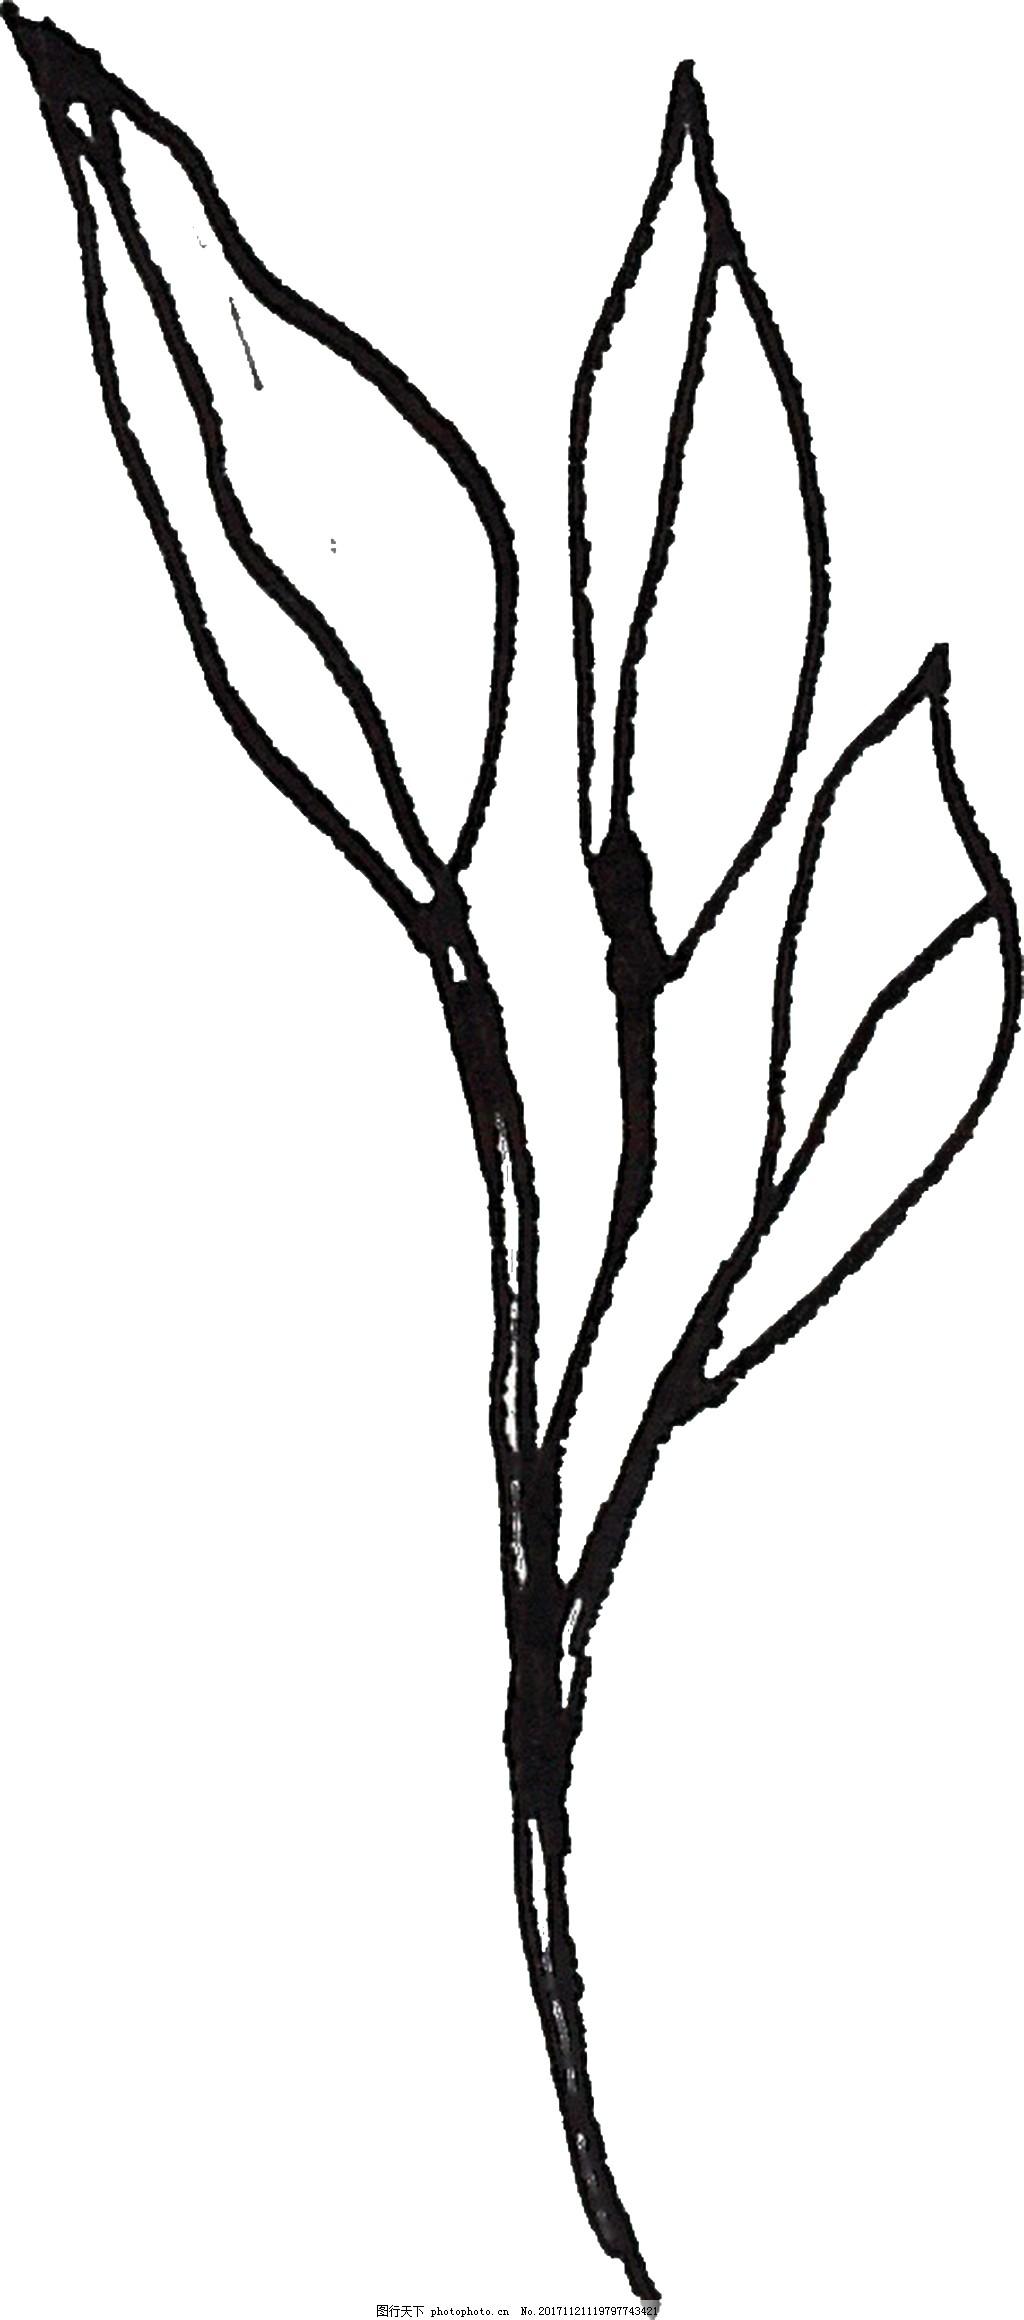 水墨三叶草卡通透明素材 黑色 草叶 透明素材 免扣素材 装饰图案